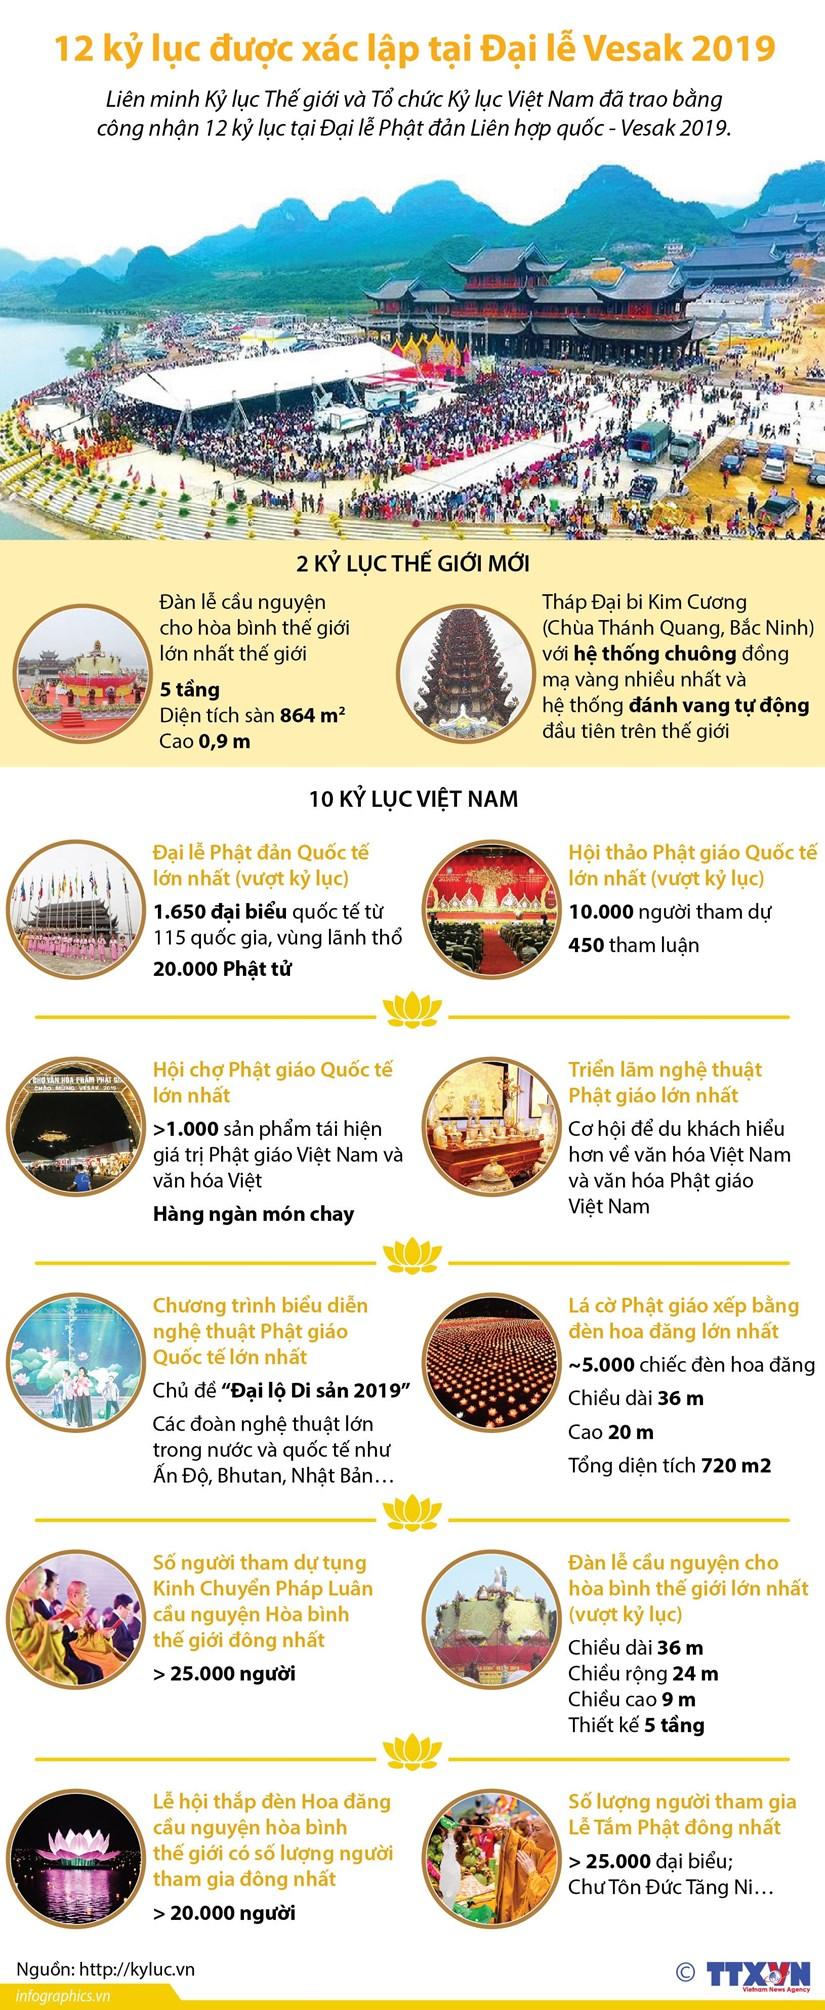 [Infographics] 12 ky luc duoc xac lap tai Dai le Vesak 2019 hinh anh 1